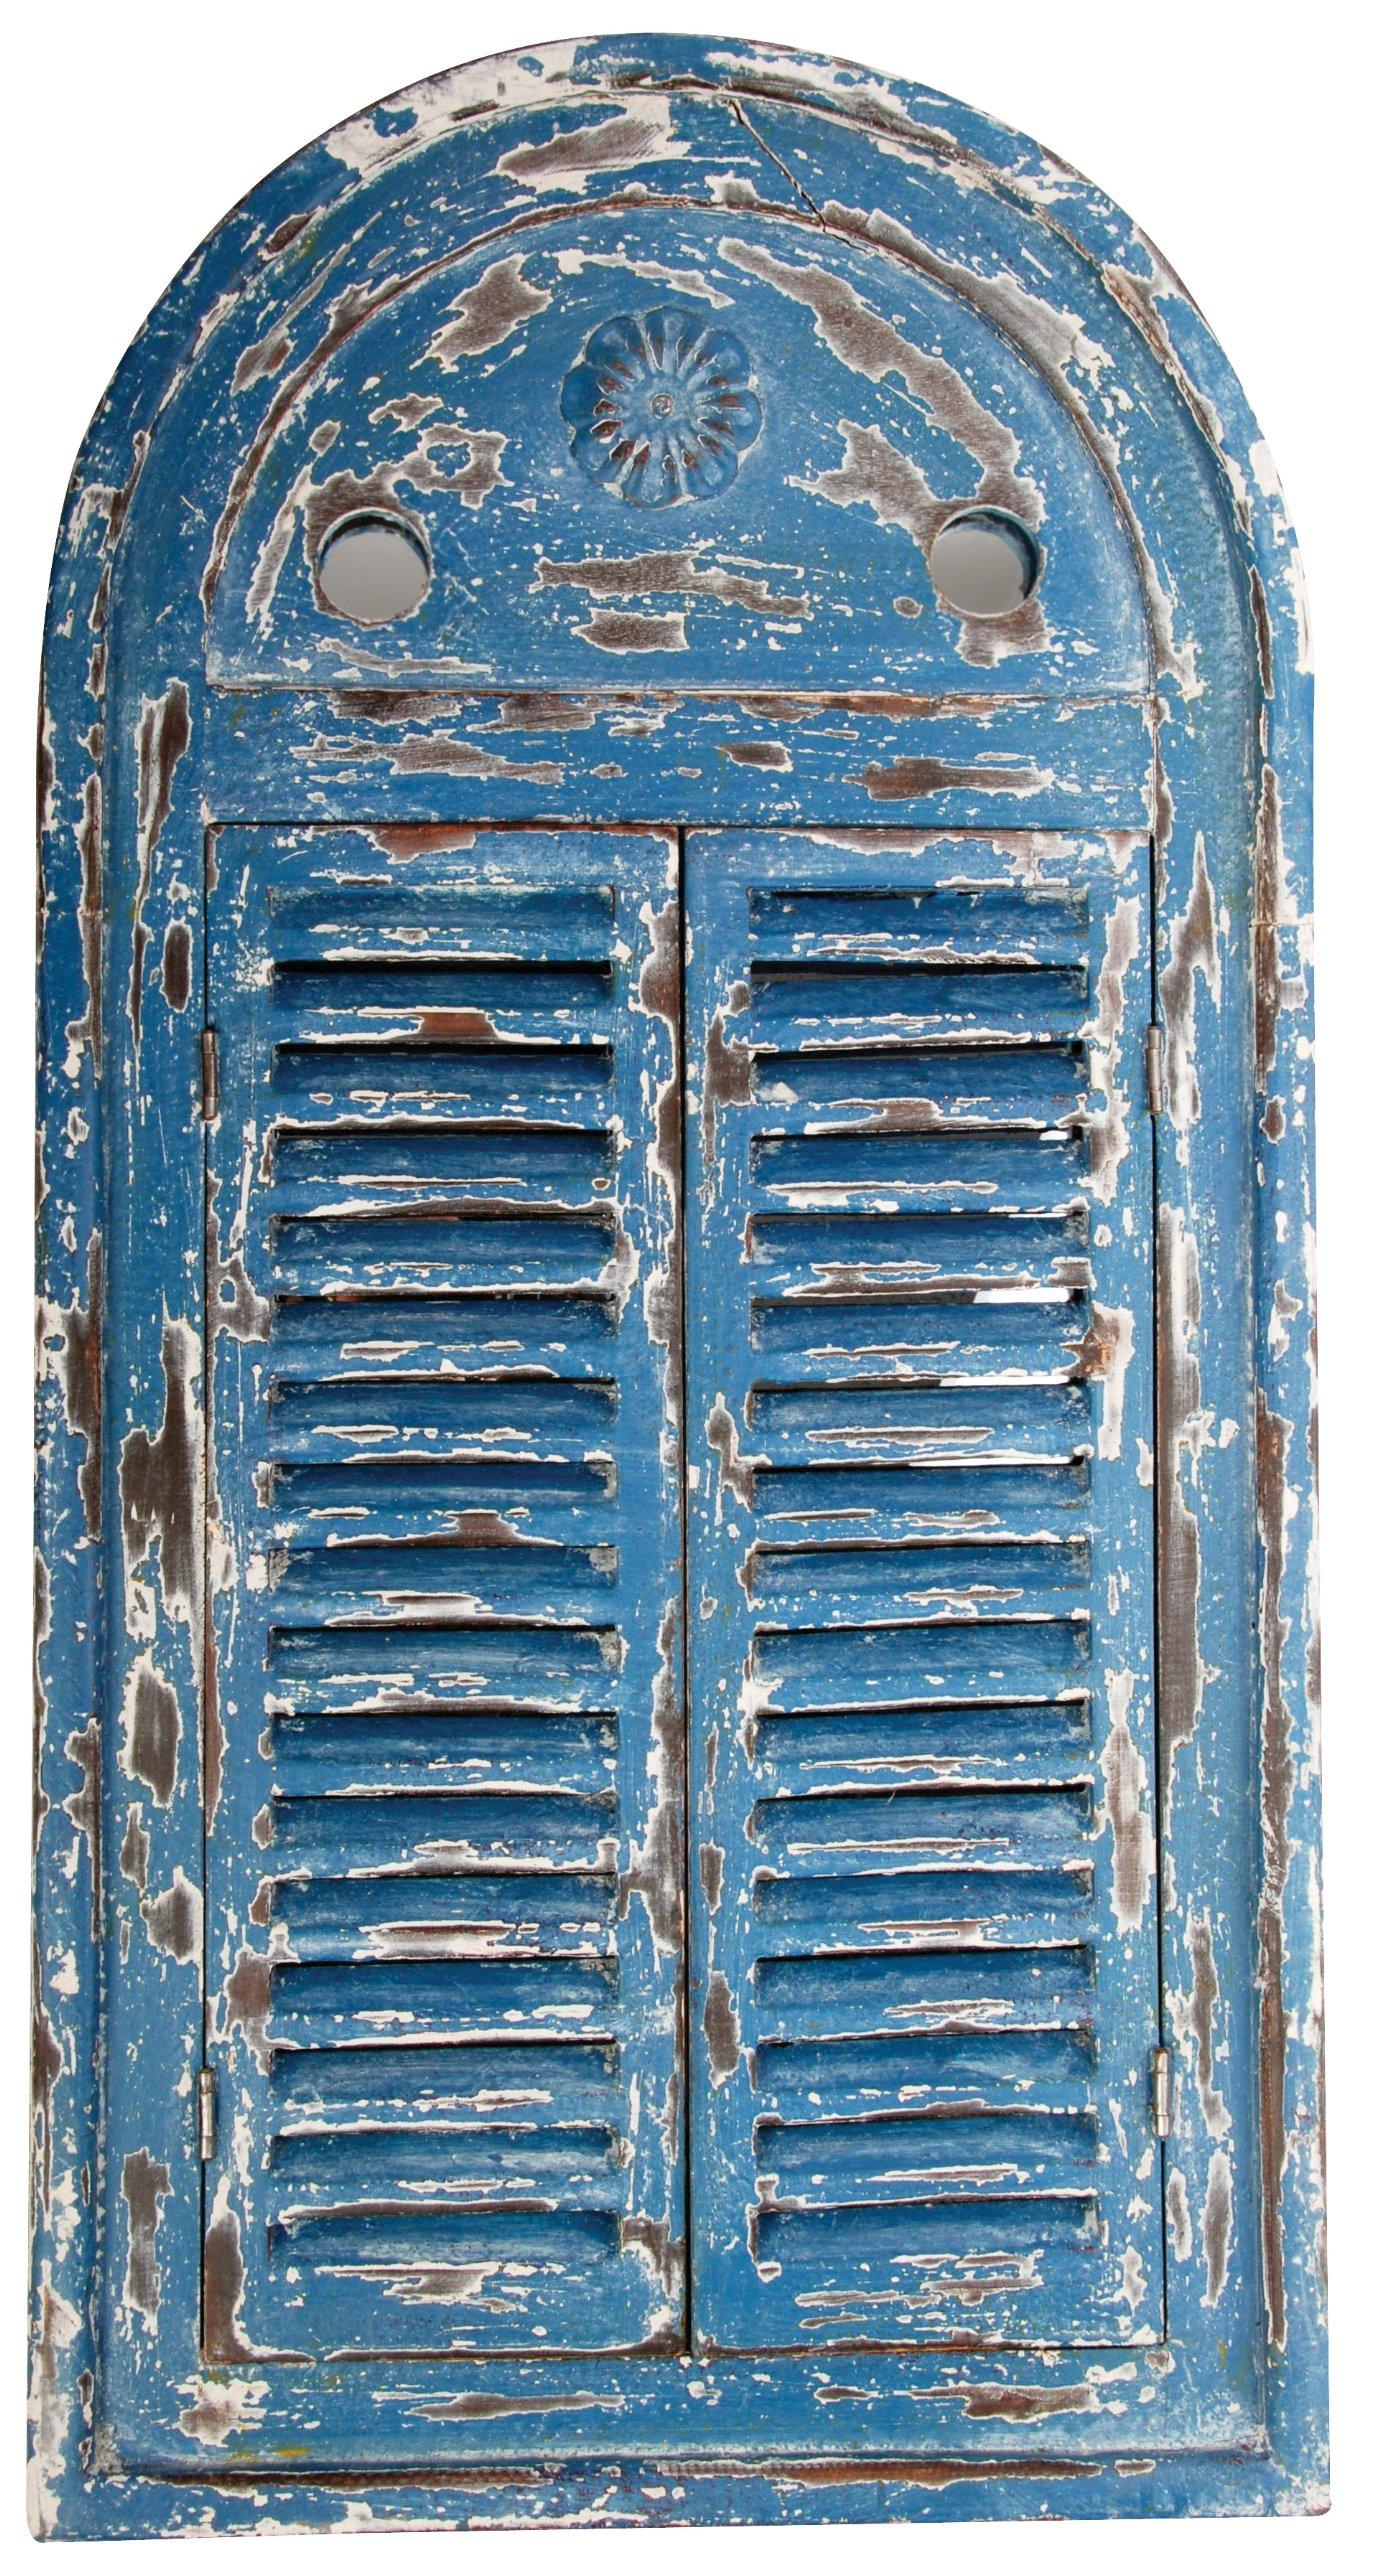 Esschert Design WD13 Mirror Louvre Distressed, Blue Finish